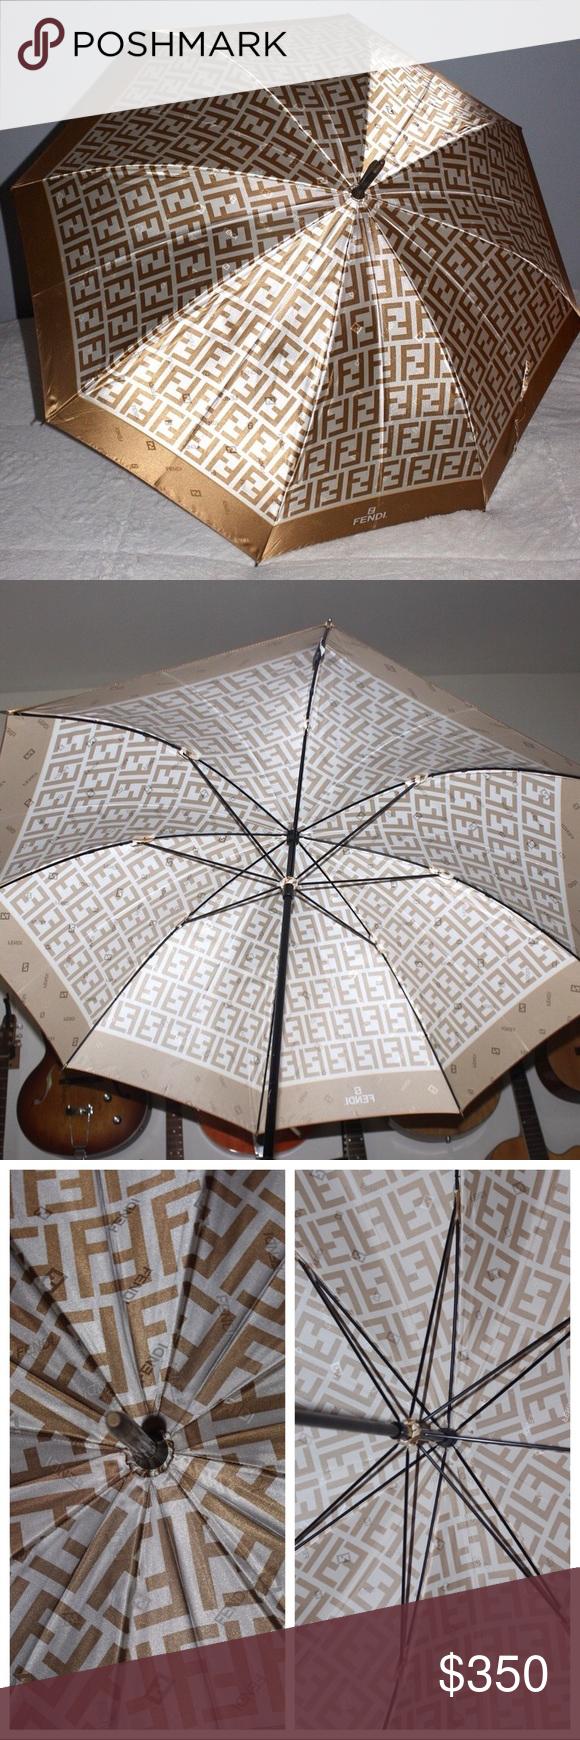 Fendi Zucca Umbrella Print Umbrella Fendi Umbrella